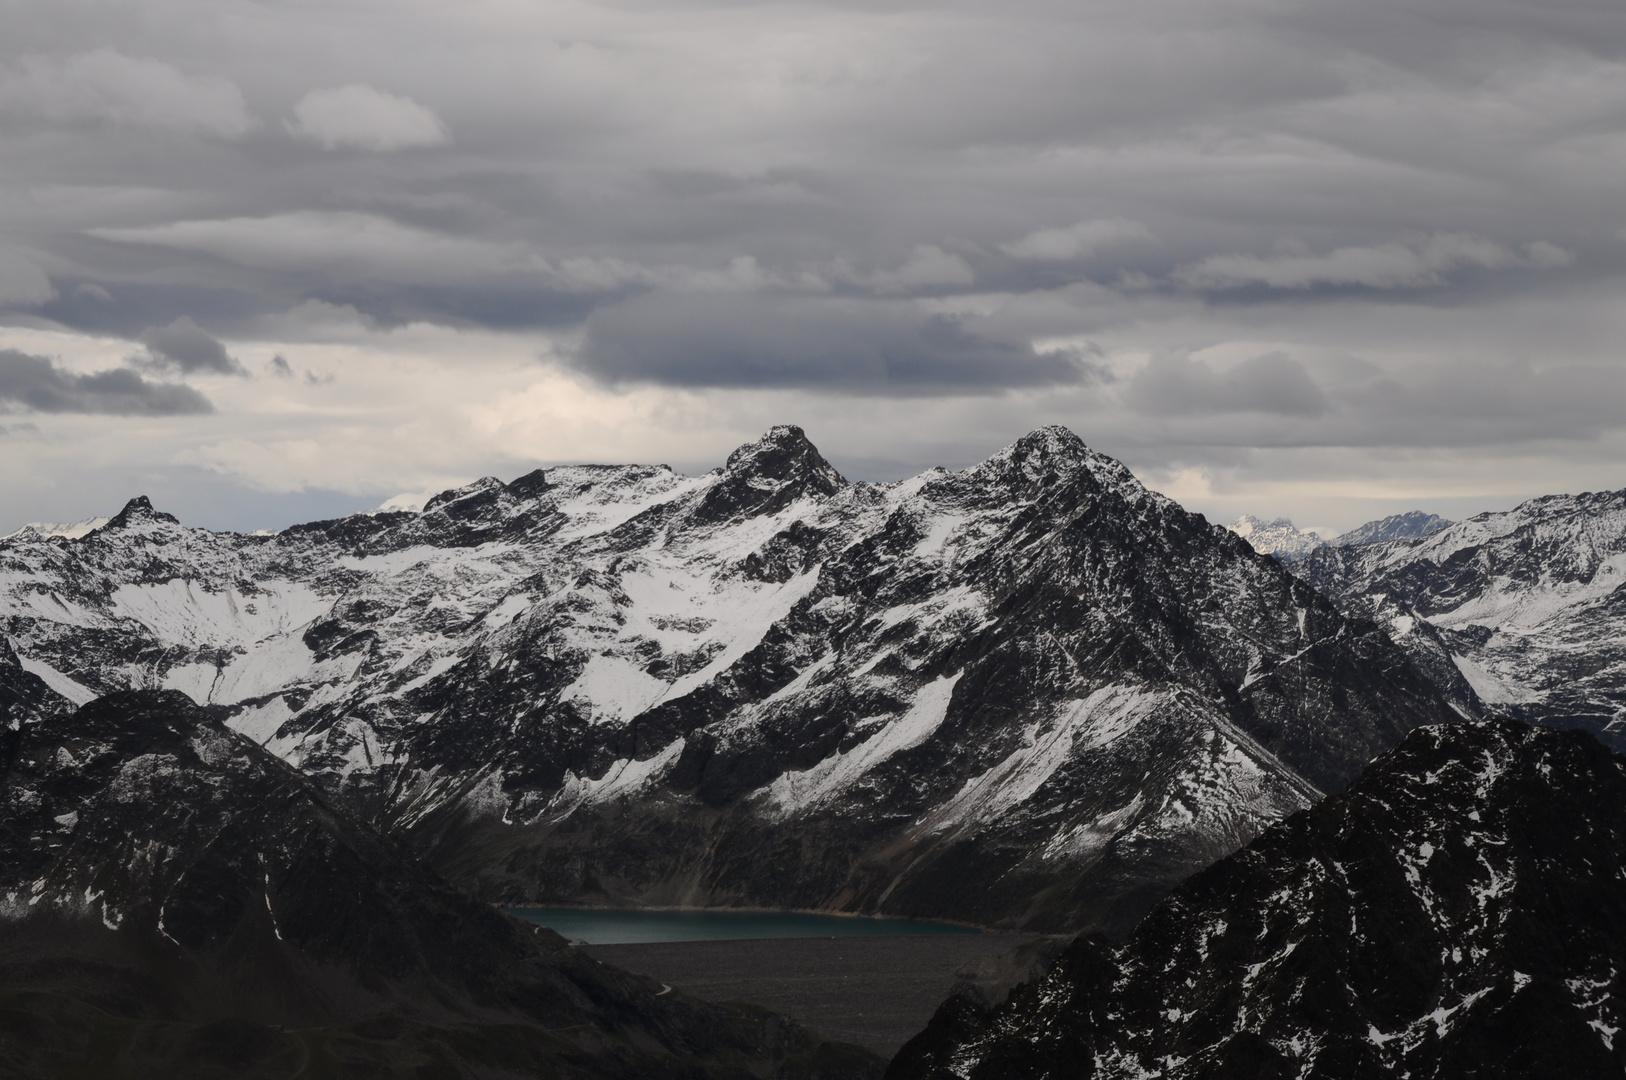 Ausblick vom Grieskogel im Sellraintal auf den Stausee